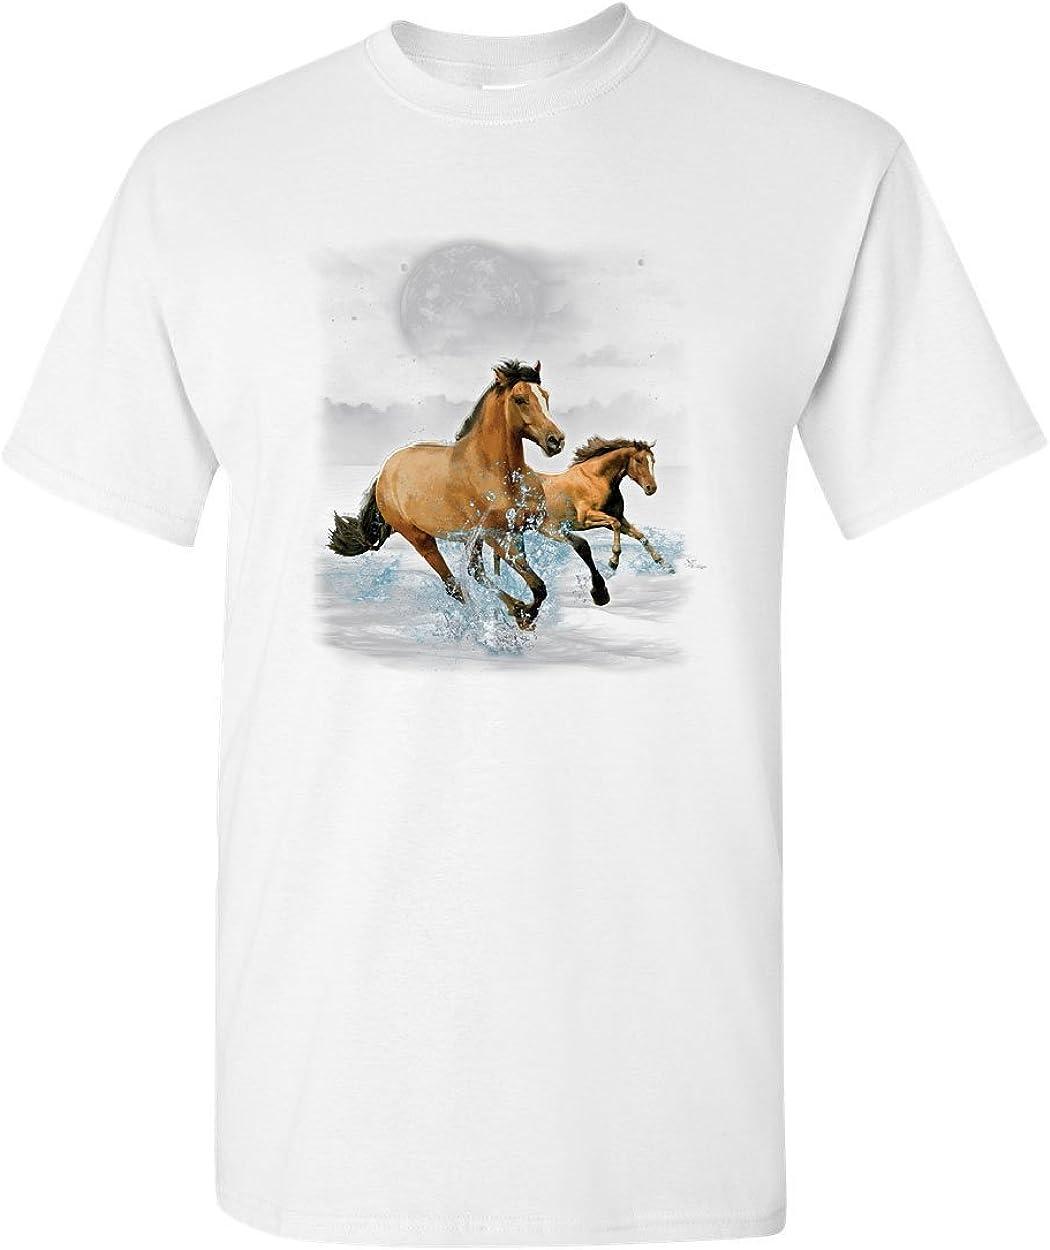 Running Wild Horses T-Shirt Wildlife Mustangs Nature Animals Mens Tee Shirt